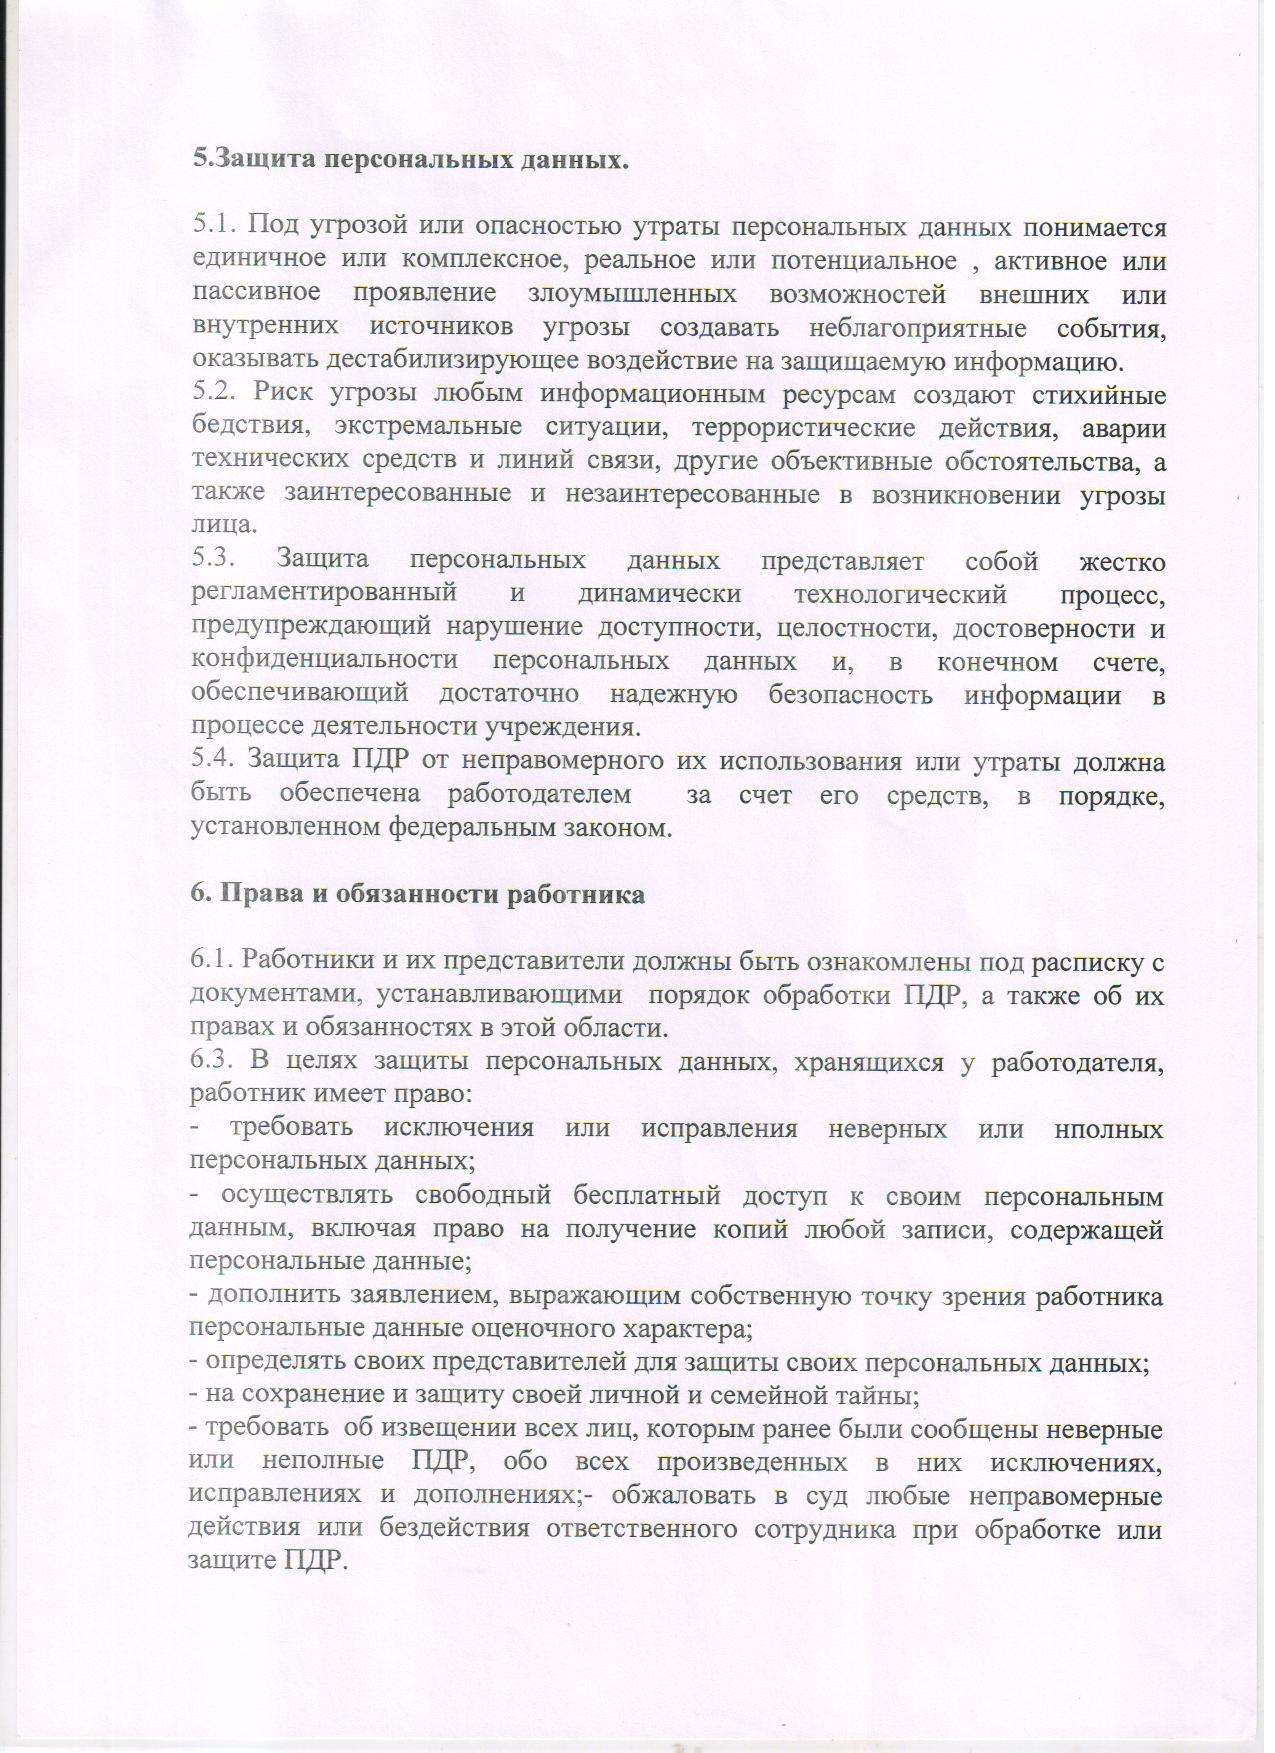 Положение о защит. перс. данных 9 лист